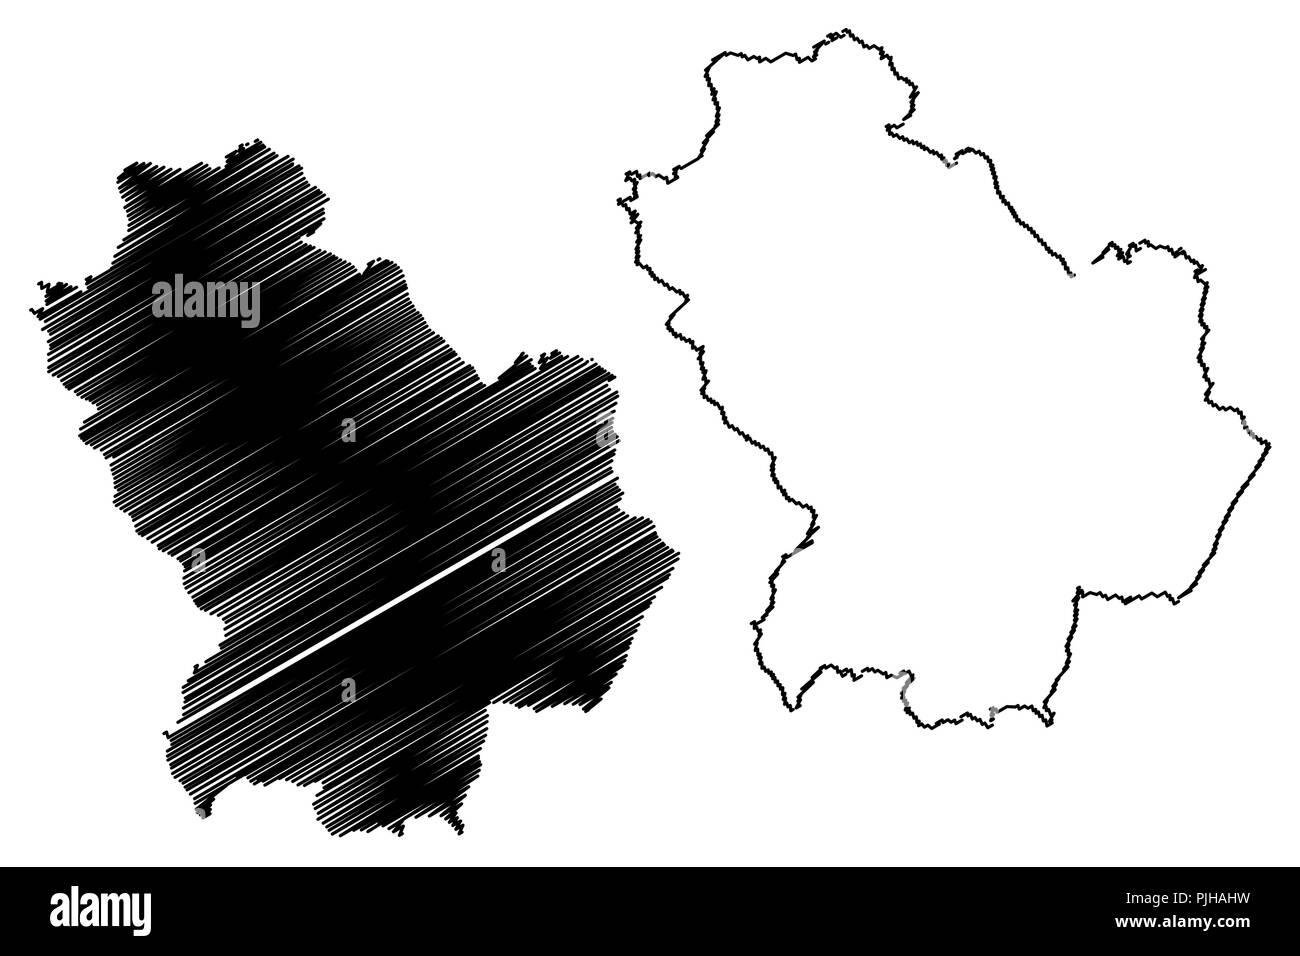 Cartina Geografica Regione Basilicata.Basilicata Regione Autonoma Dell Italia Mappa Illustrazione Vettoriale Scribble Schizzo Basilicata Mappa Immagine E Vettoriale Alamy